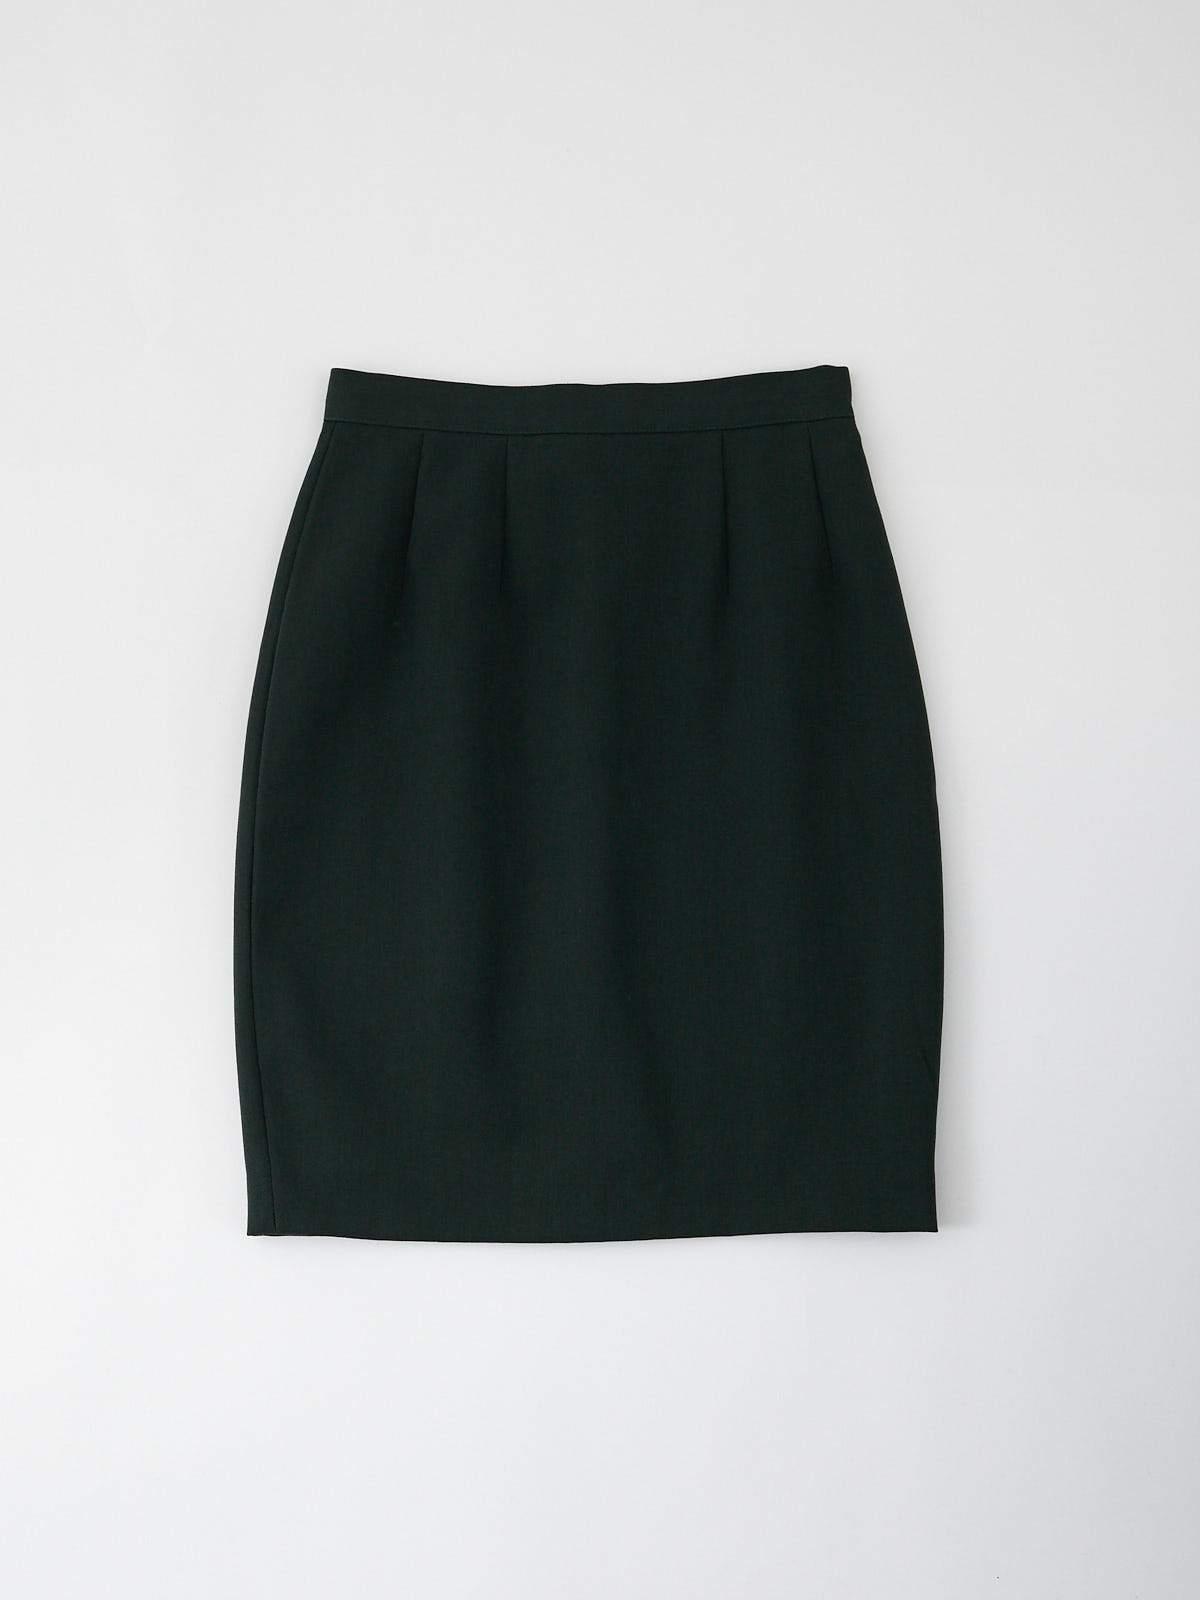 Woollen Skirt